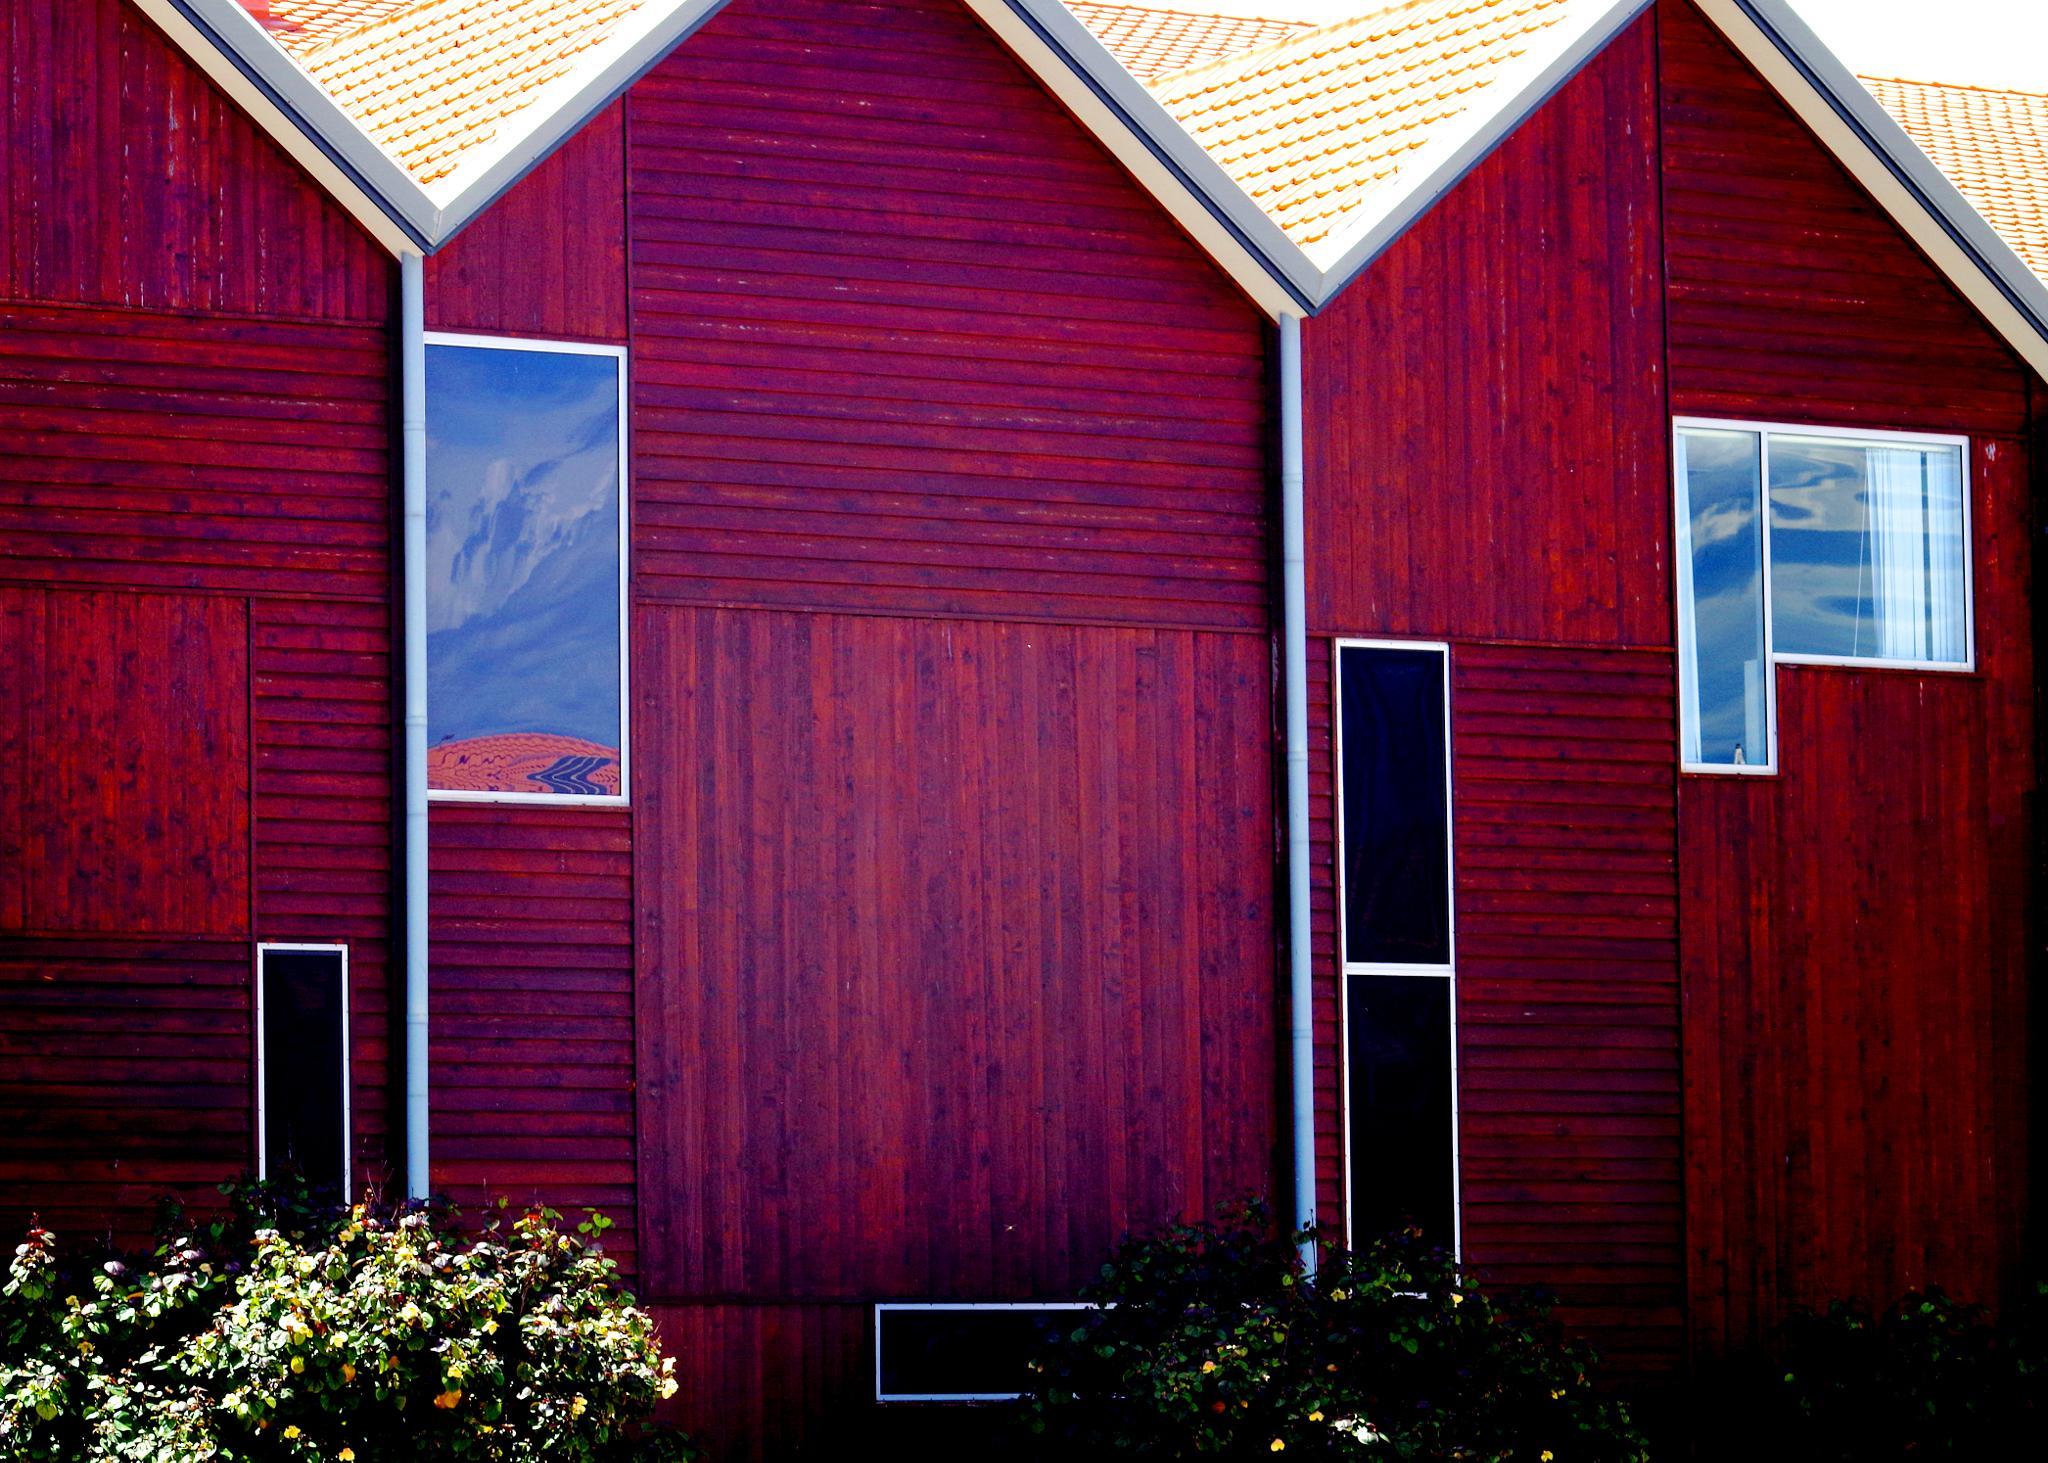 Windows by cinzia.sawatzky